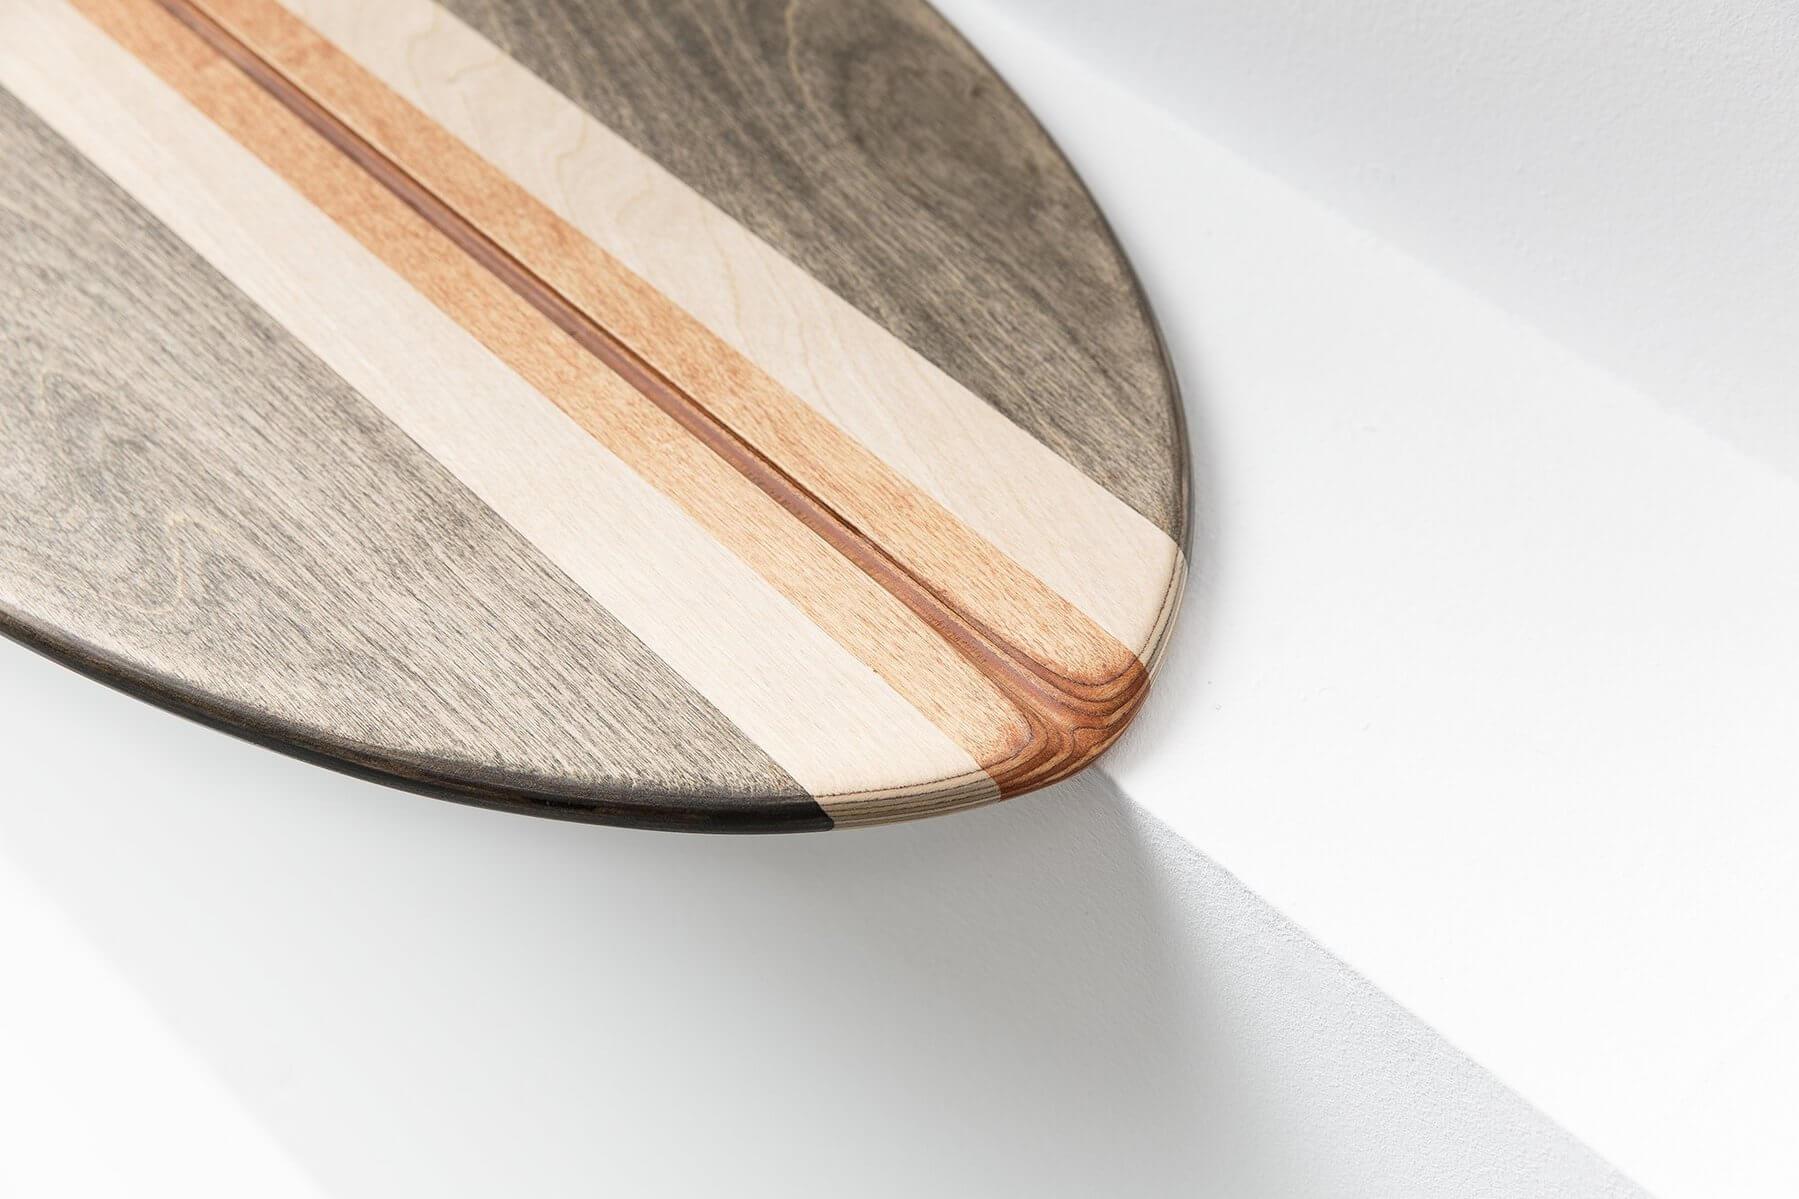 Bredder Boards Pualani Fisch (Bild 2)